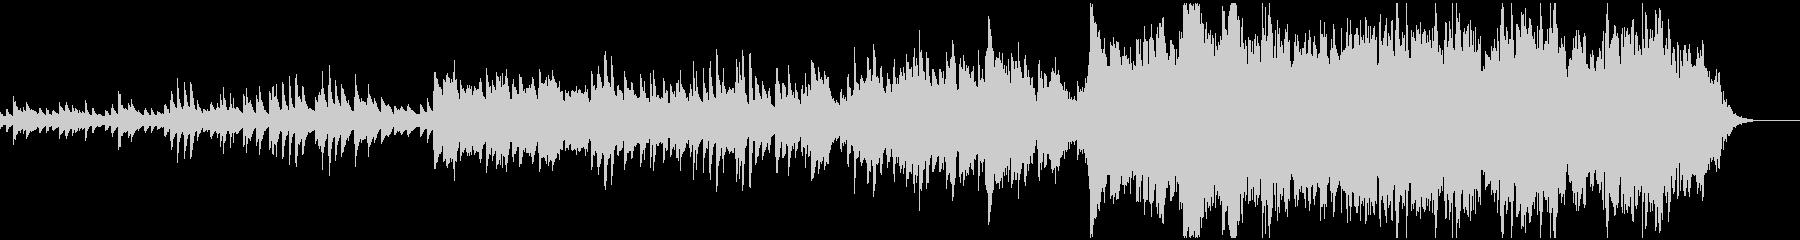 ピアノとストリングスのバラード曲の未再生の波形